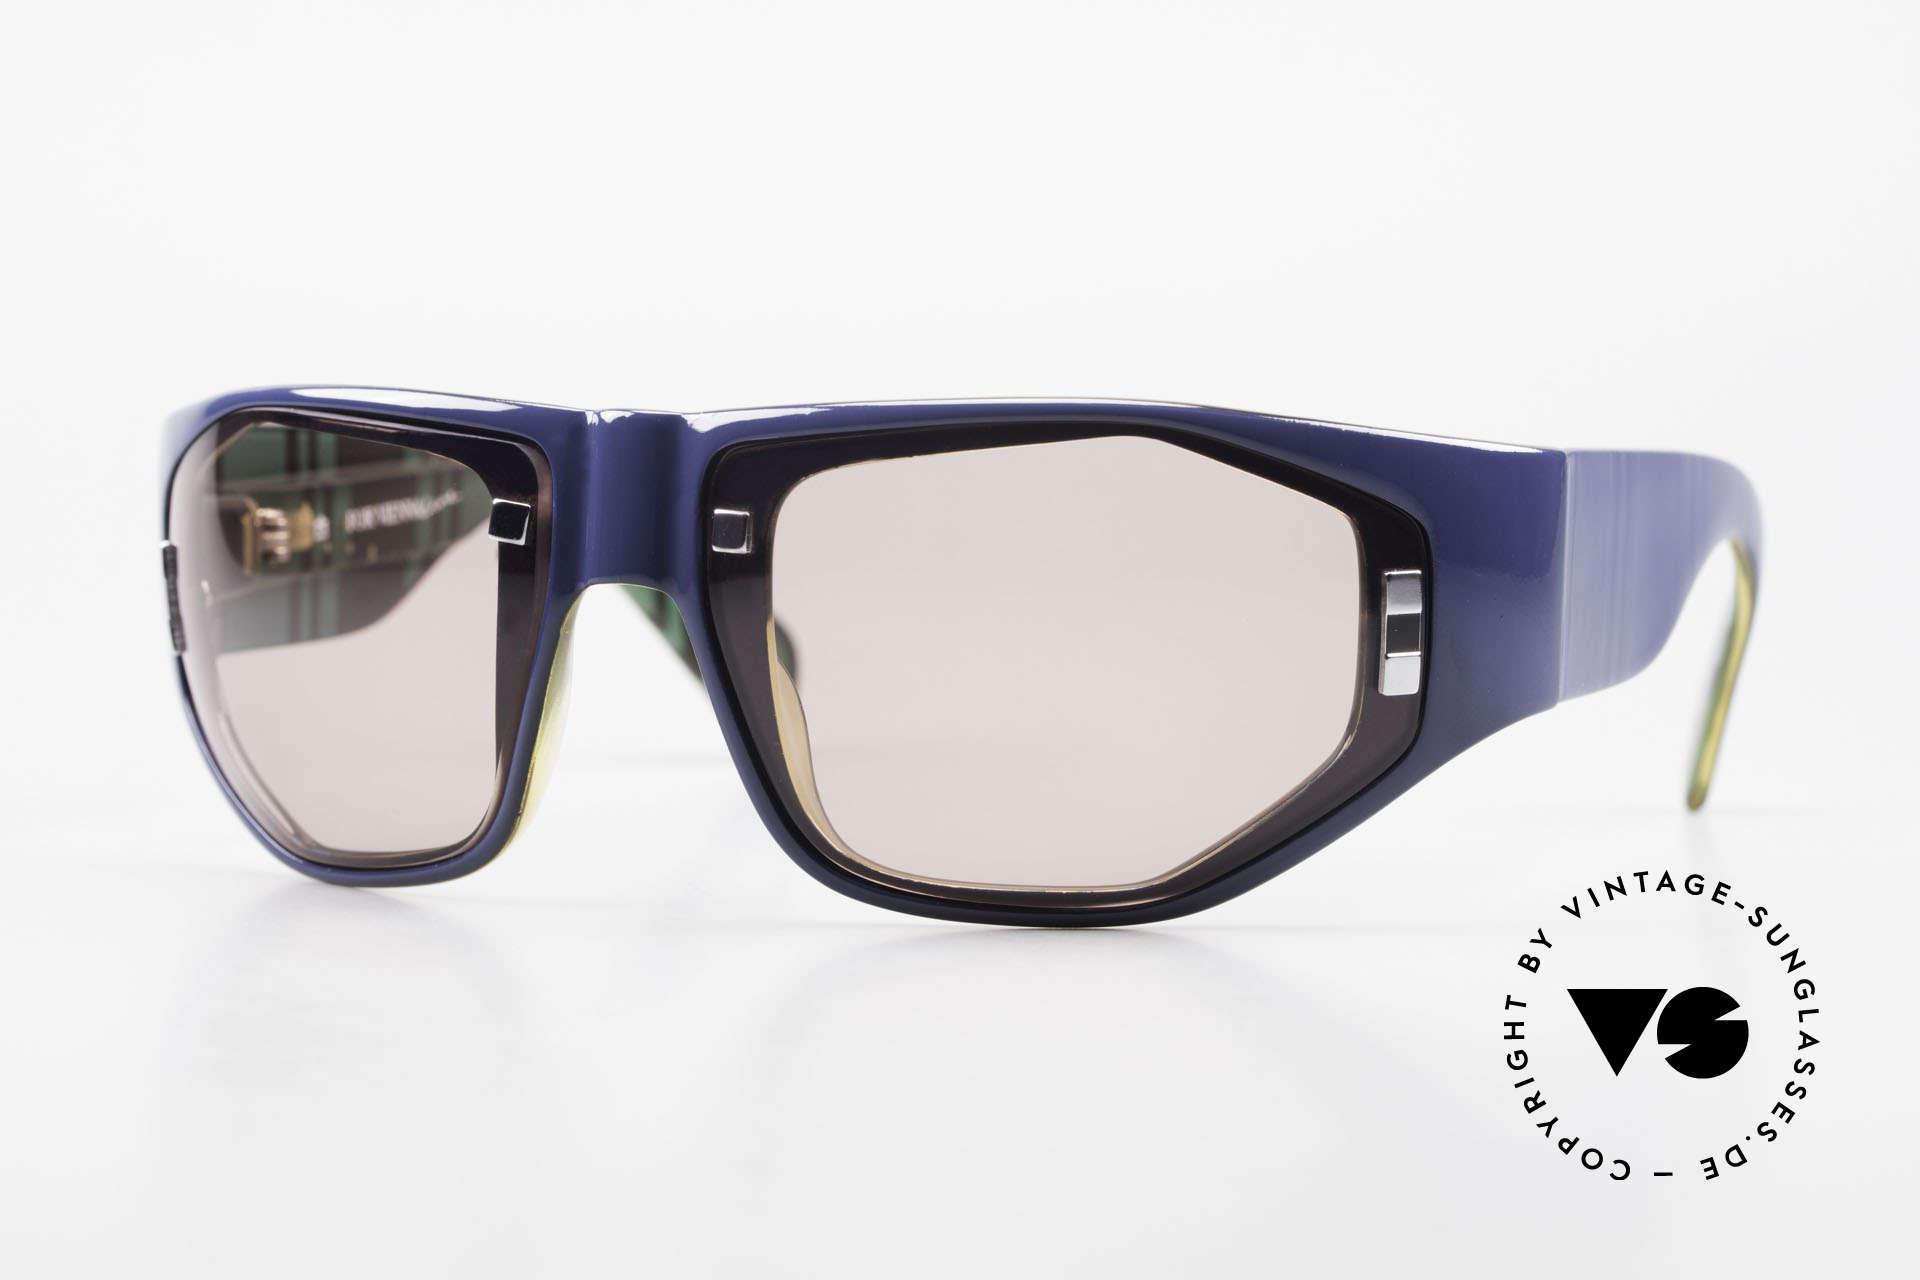 Paloma Picasso 3701 Wrap Around Sonnenbrille 90er, Damen Designer-Sonnenbrille von Paloma Picasso, Passend für Damen